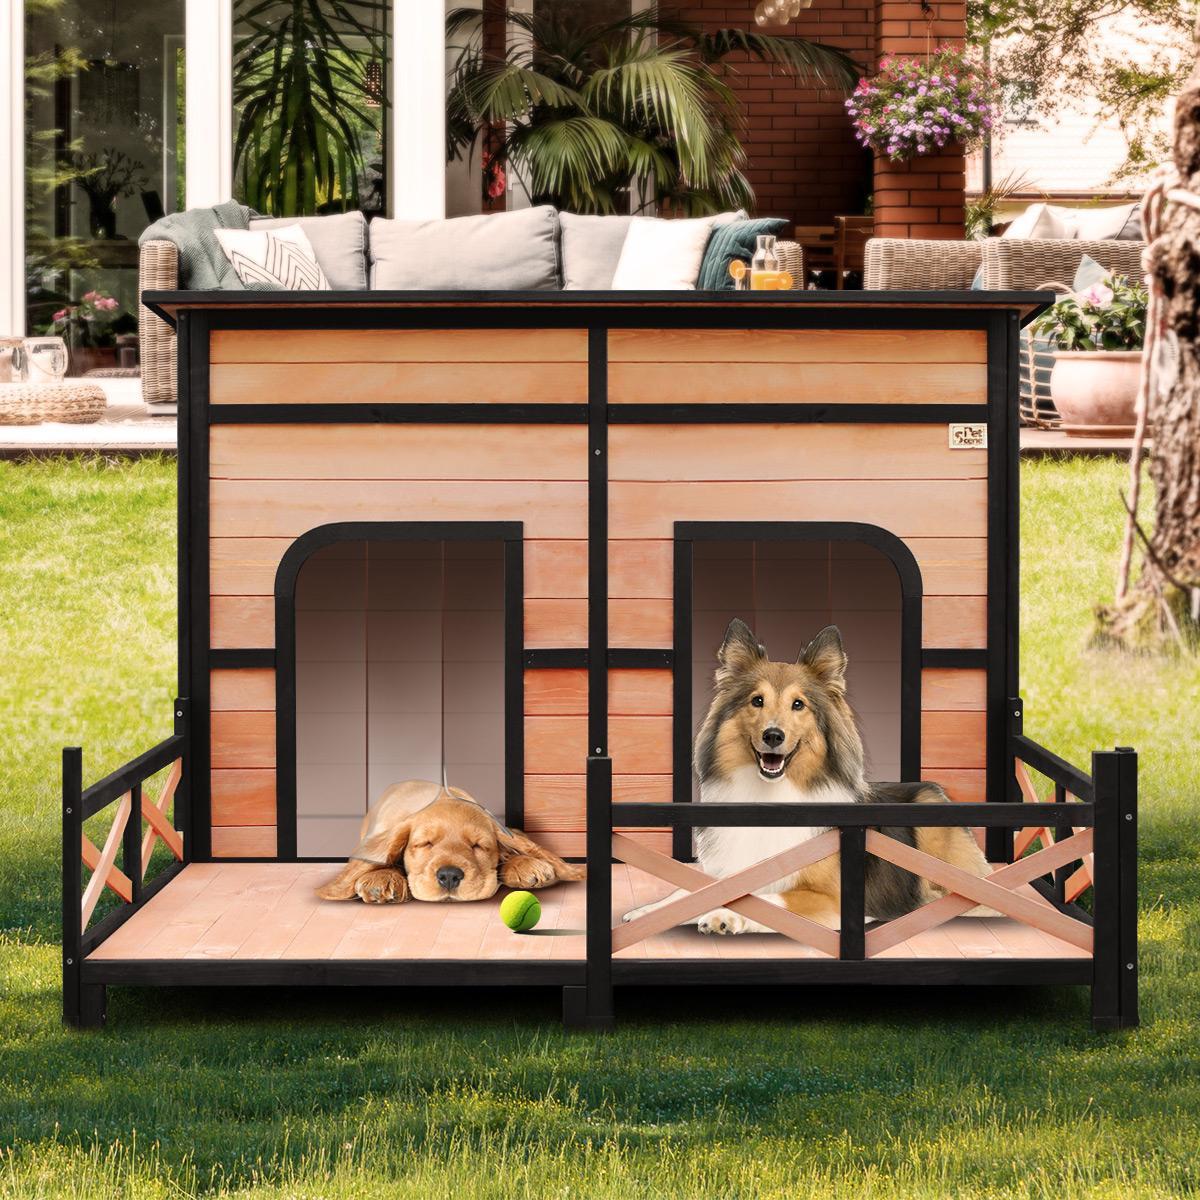 petscene xxl wooden pet house dogs kennel indoor outdoor w lift up flat roof patio 2 doors